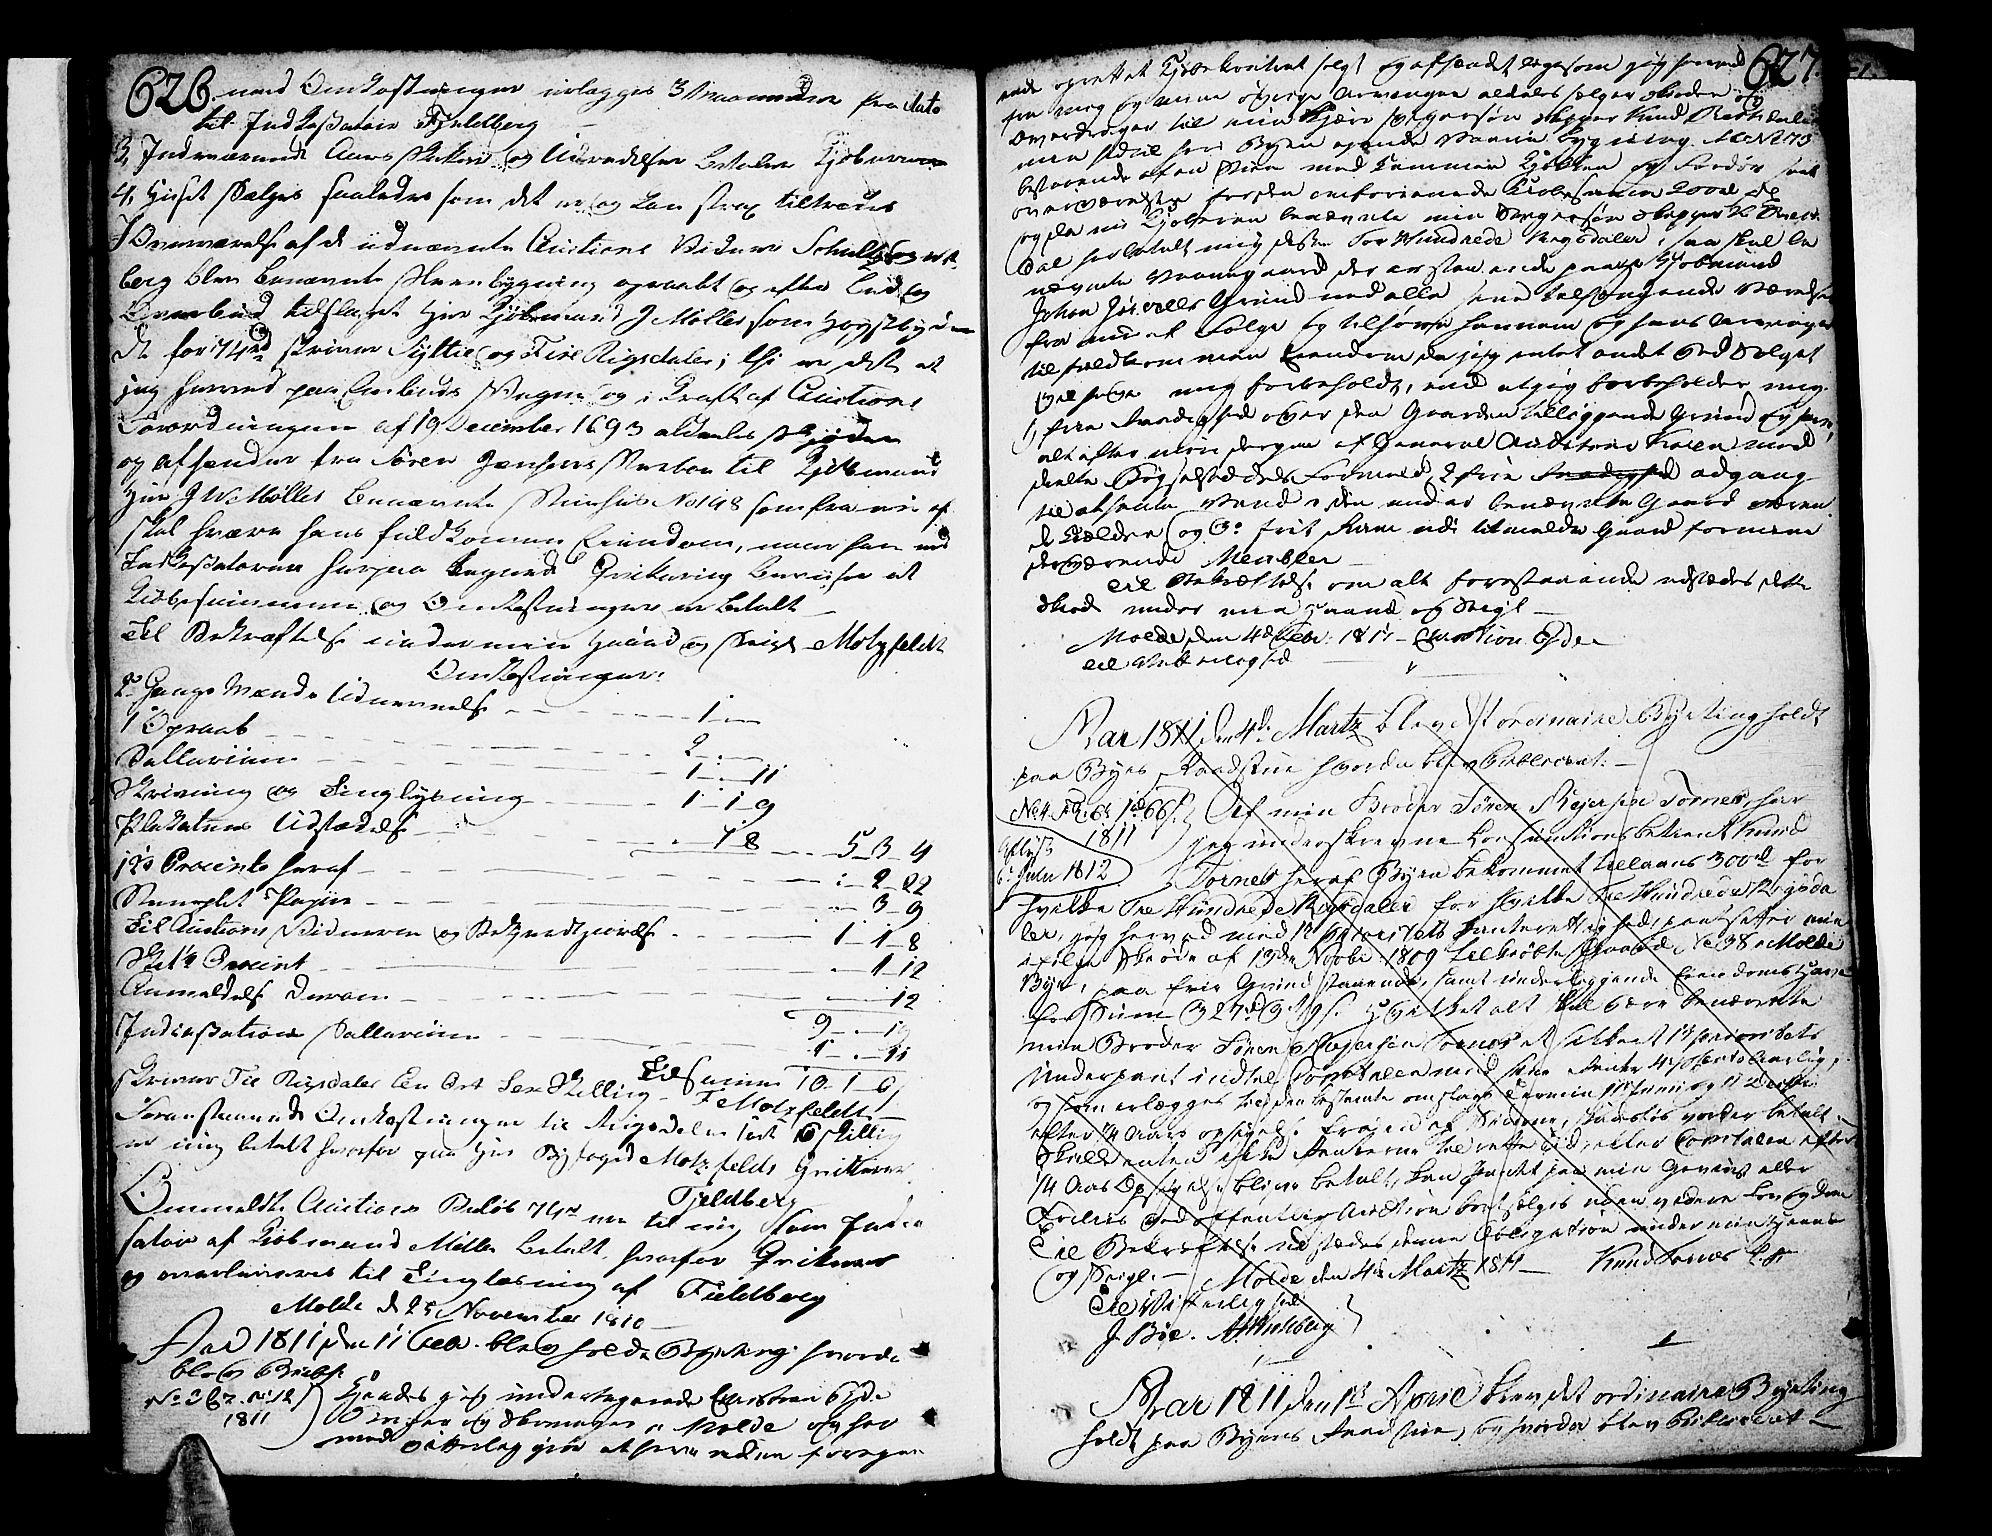 SAT, Molde byfogd, 2C/L0001: Pantebok nr. 1, 1748-1823, s. 626-627